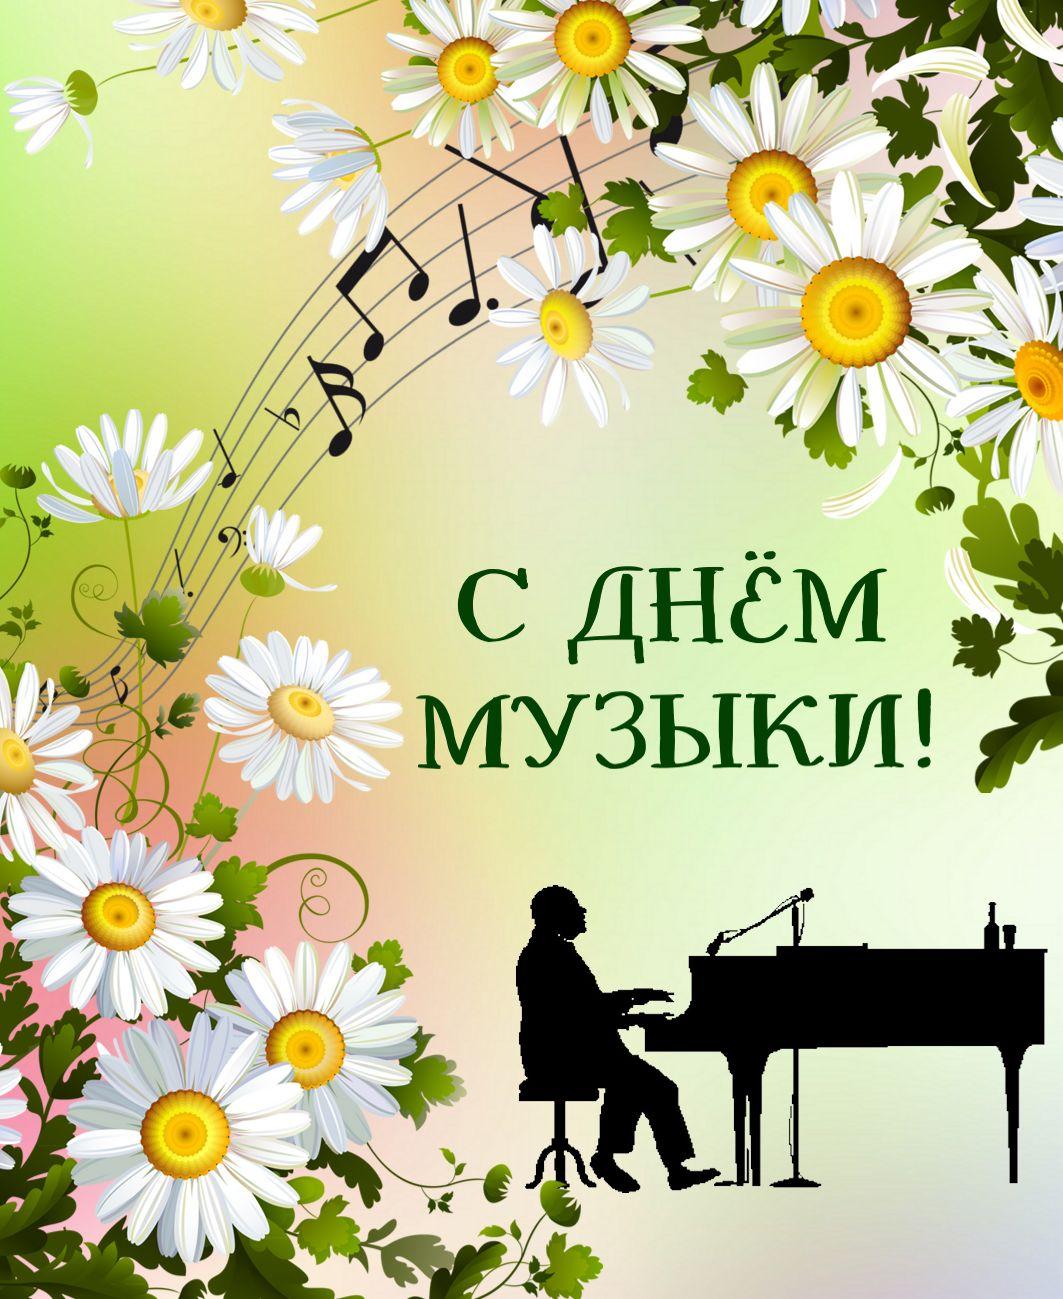 С днем музыкального учителя картинки красивые, христос воскресе